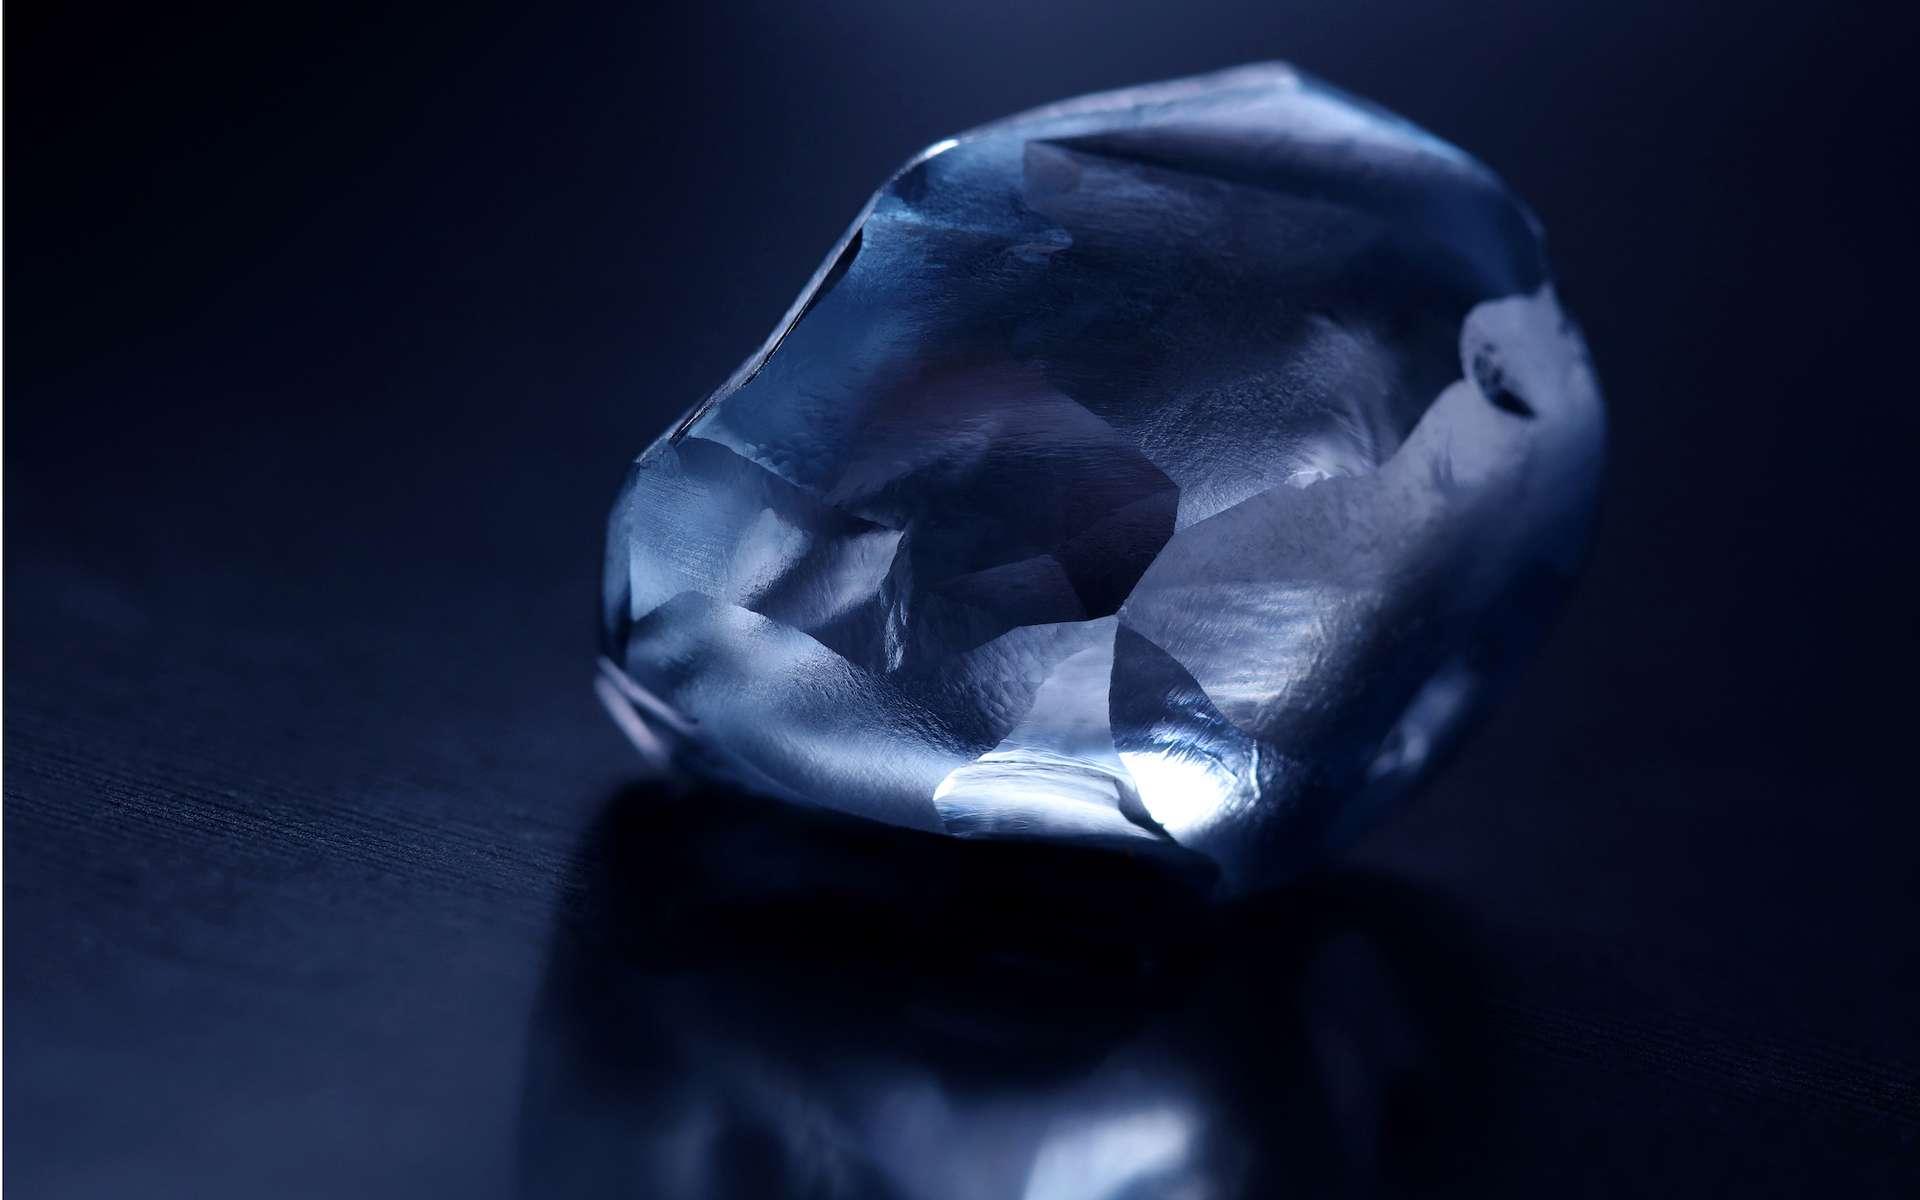 Un gros diamant bleu vient d'être découvert au Botswana. © Okanvango Diamond Company